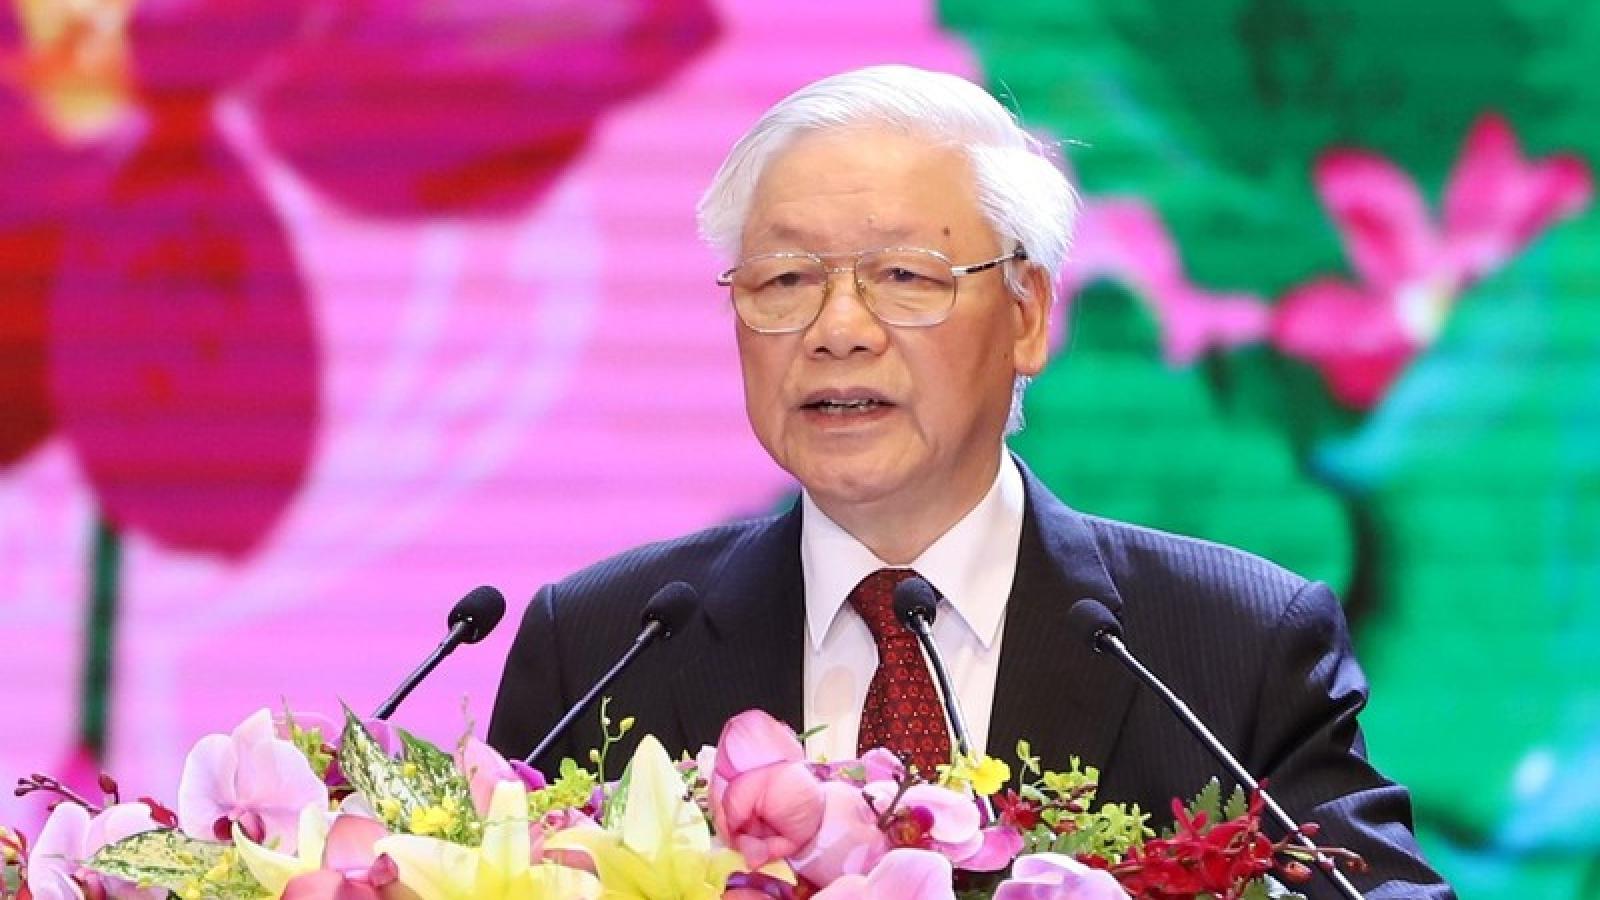 Toàn cảnh Lễ kỷ niệm 130 năm ngày sinh Chủ tịch Hồ Chí Minh